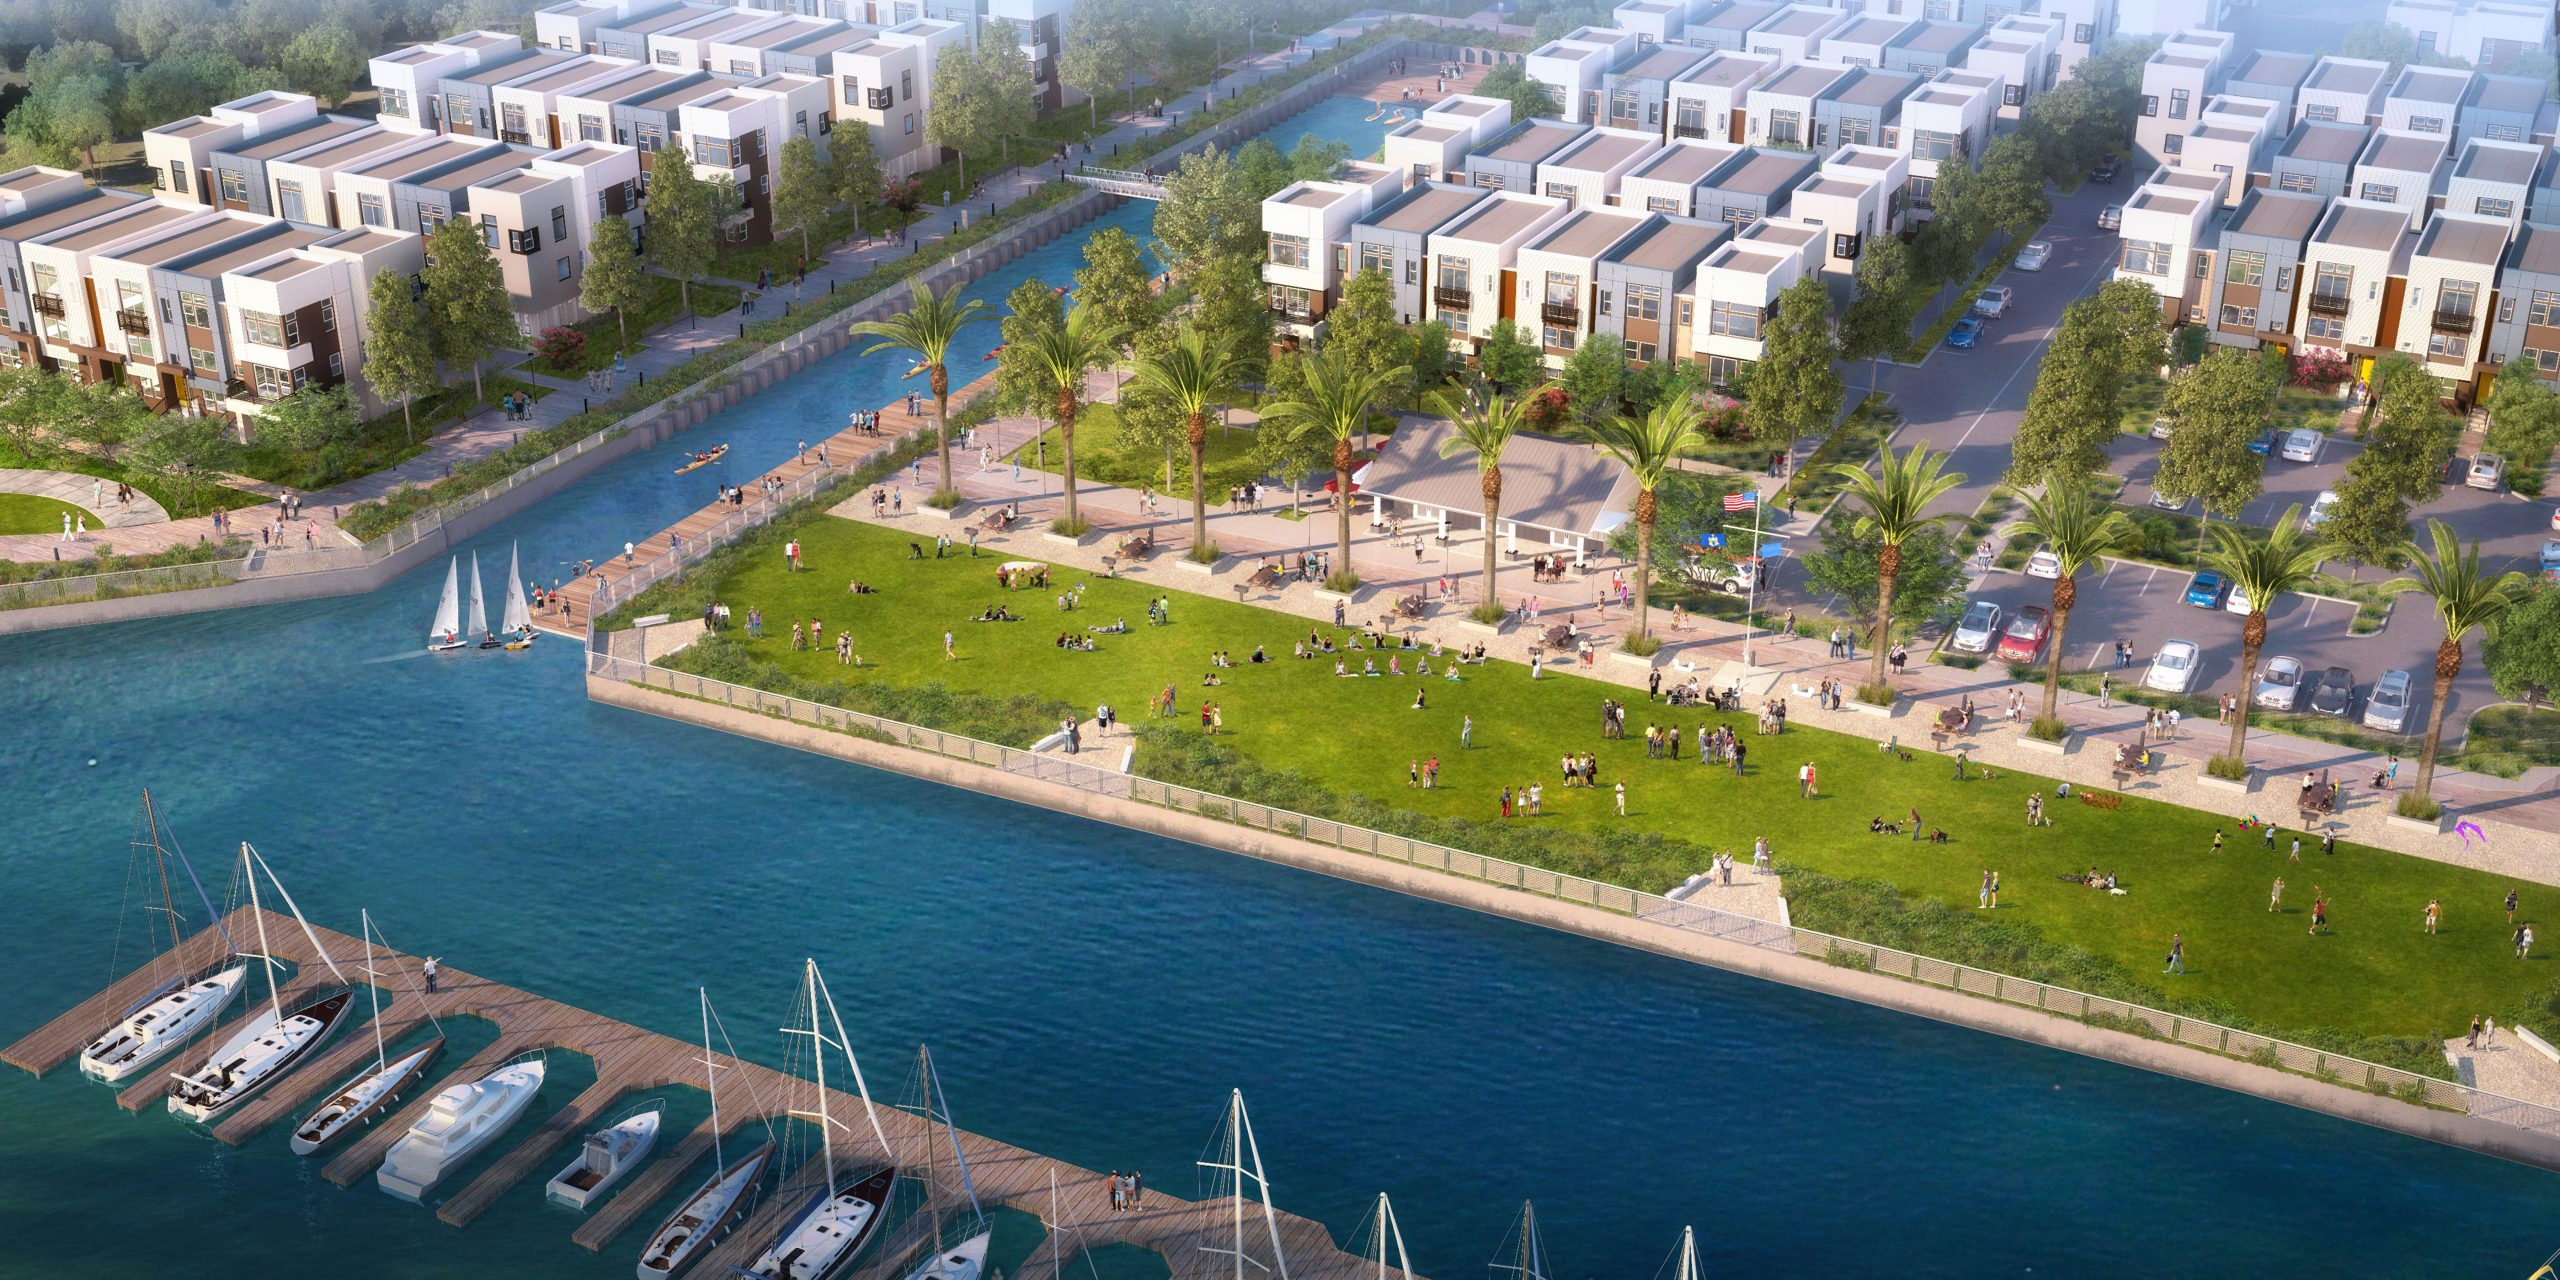 Harbor View Park Alameda Marina